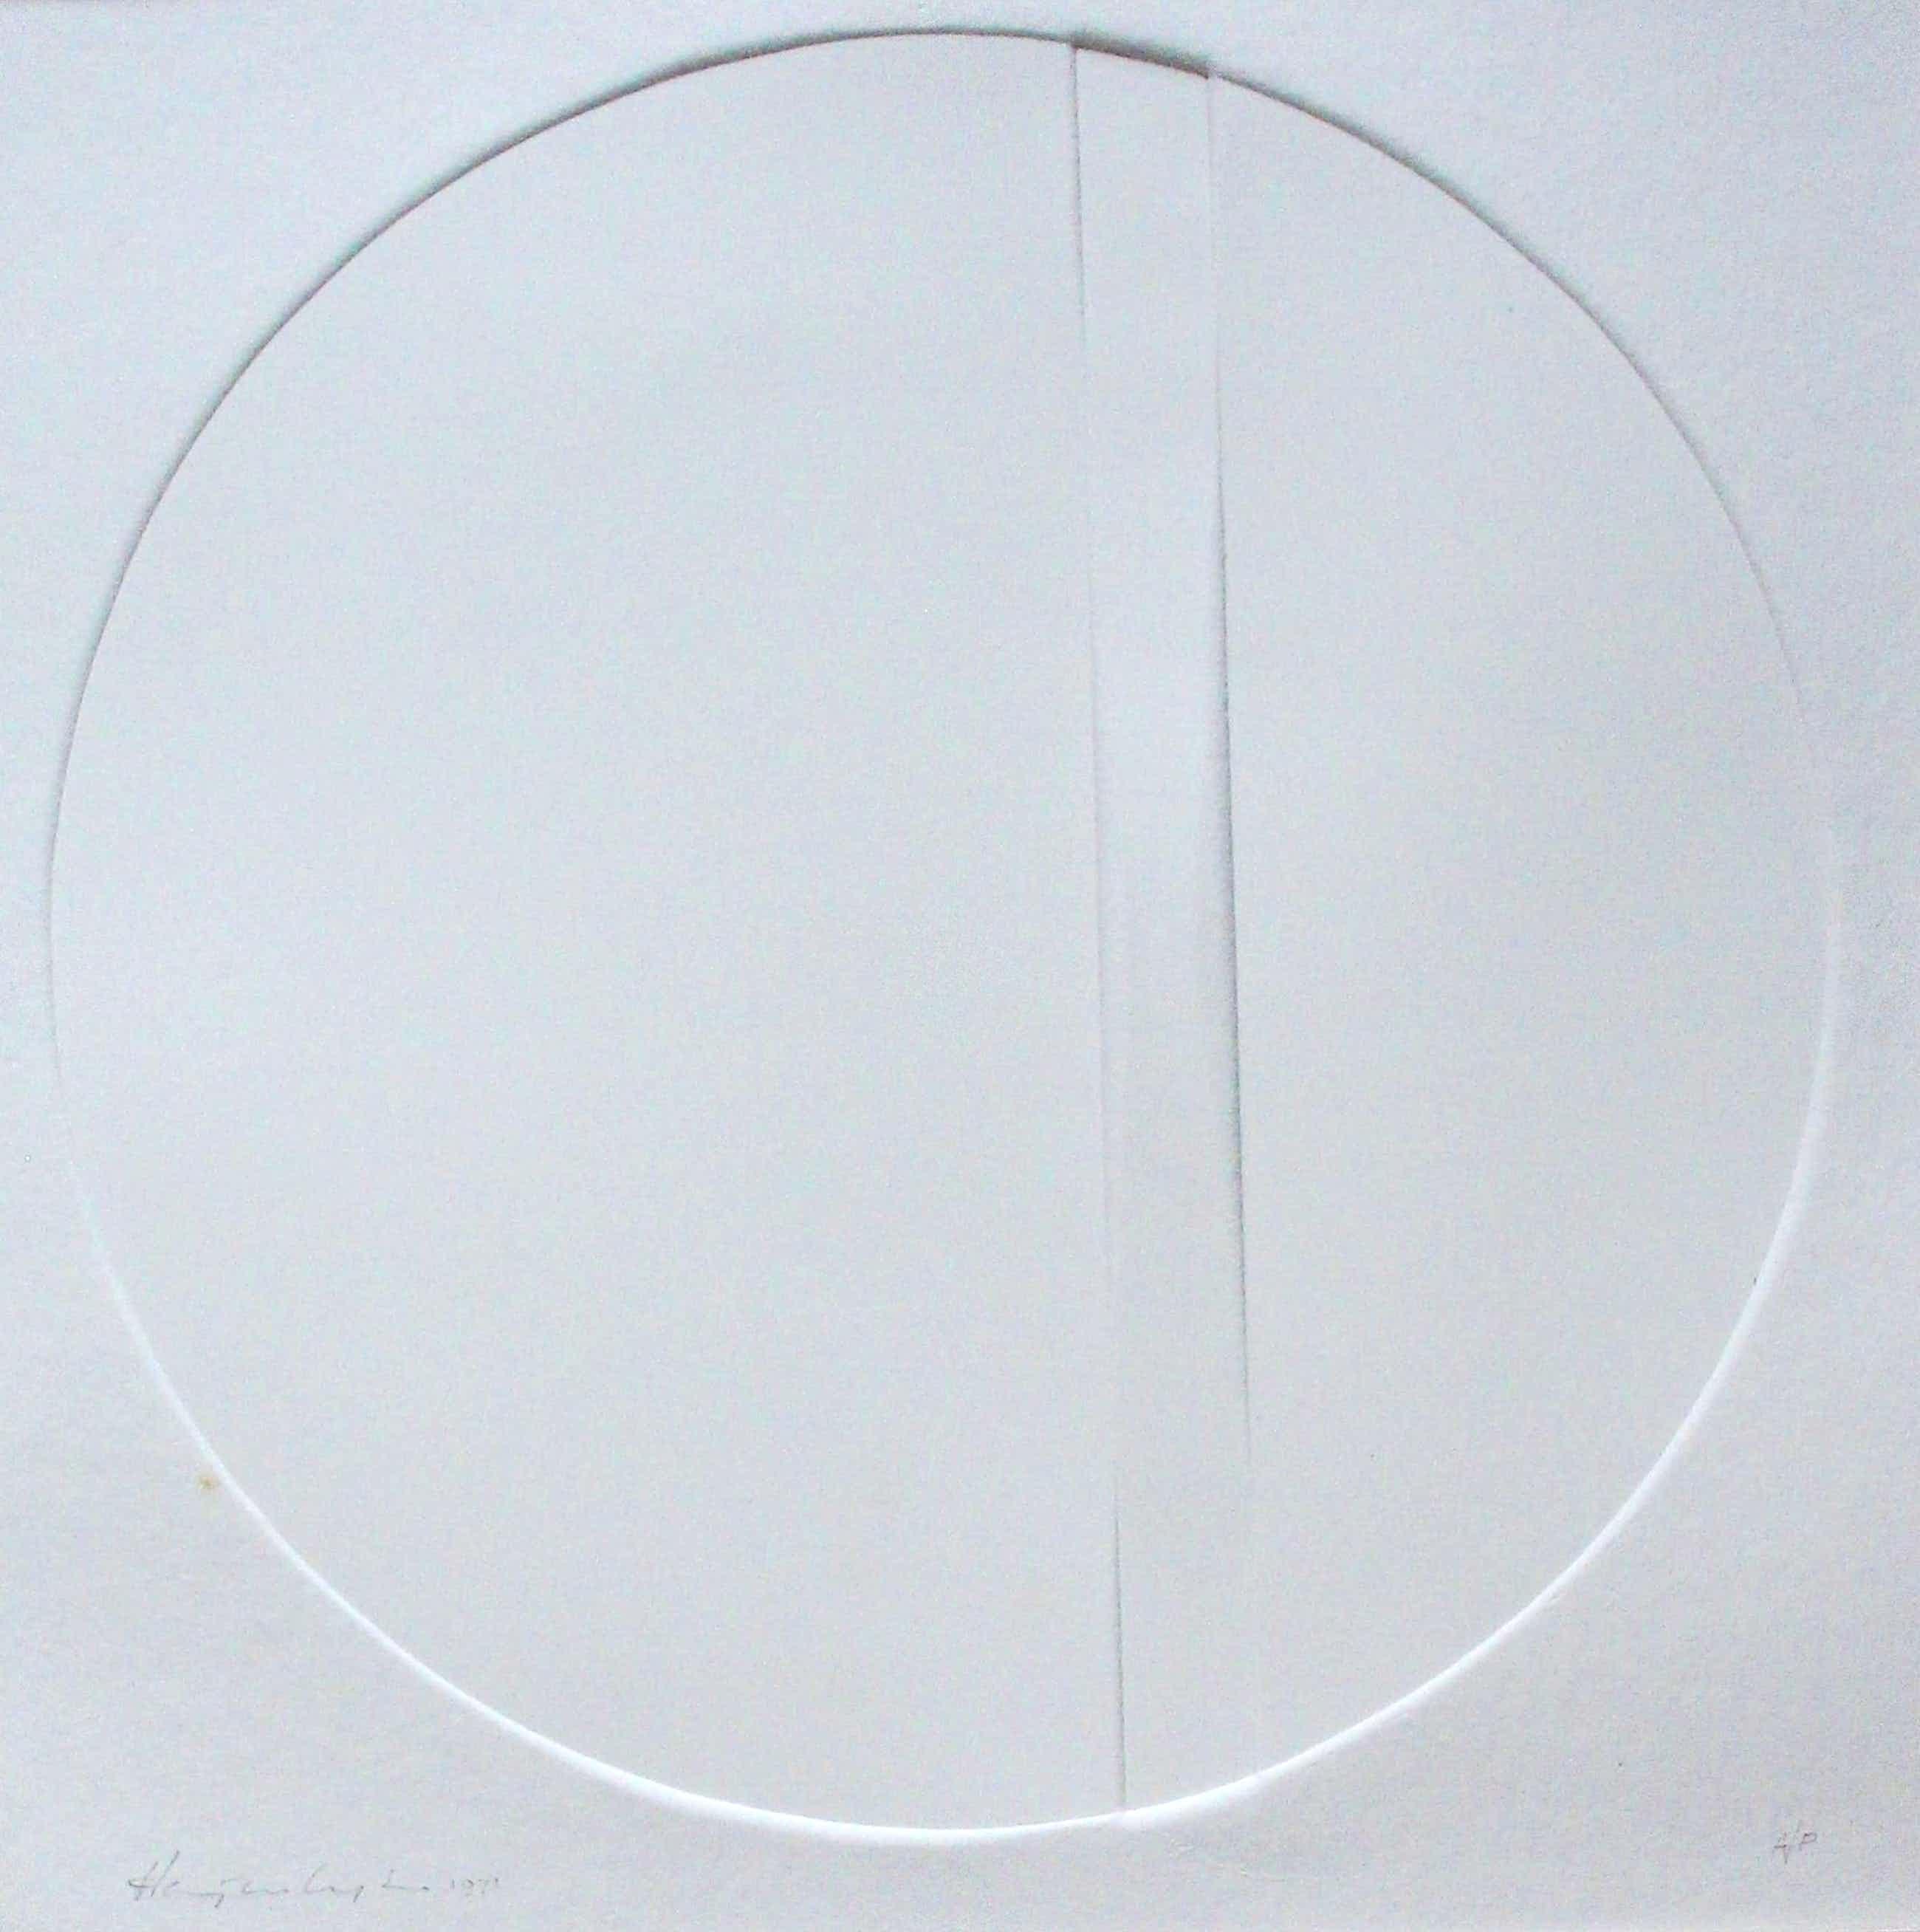 Harry van Kuyk - grotere reliefdruk: compostie met een cirkel- 1971 kopen? Bied vanaf 250!